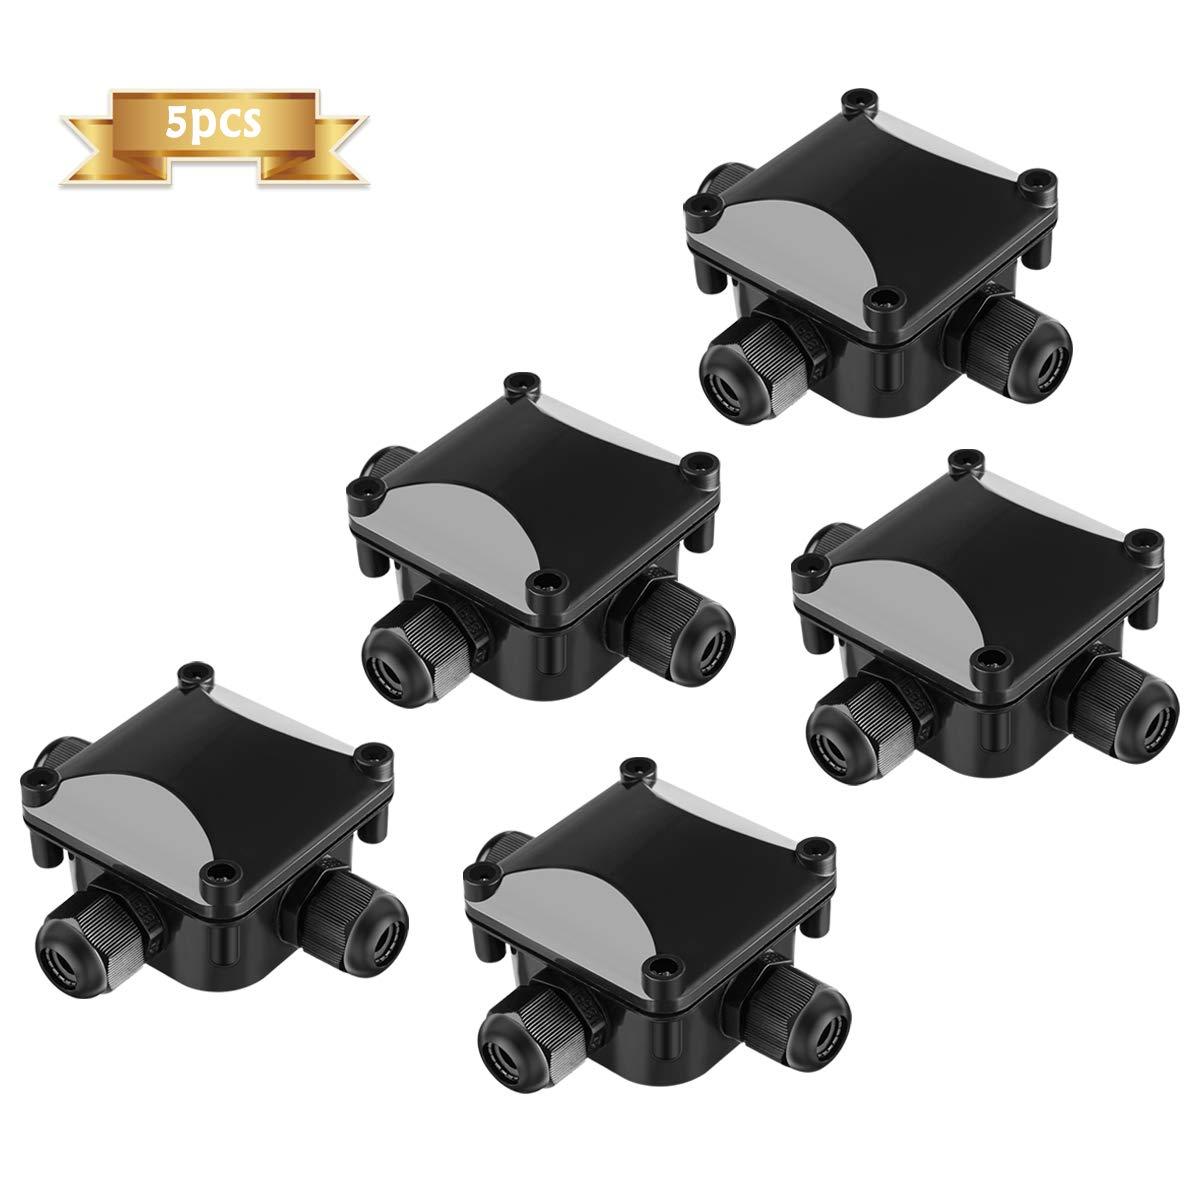 5 Piezas Caja de Conexiones NASUM IP68 Cajas de Empalmes Impermeables Exterior Caja de Conexiones de 3 Ví as Má s Grande para 5.5mm-10.5mm Diá metro del Cable (ABS), Negro